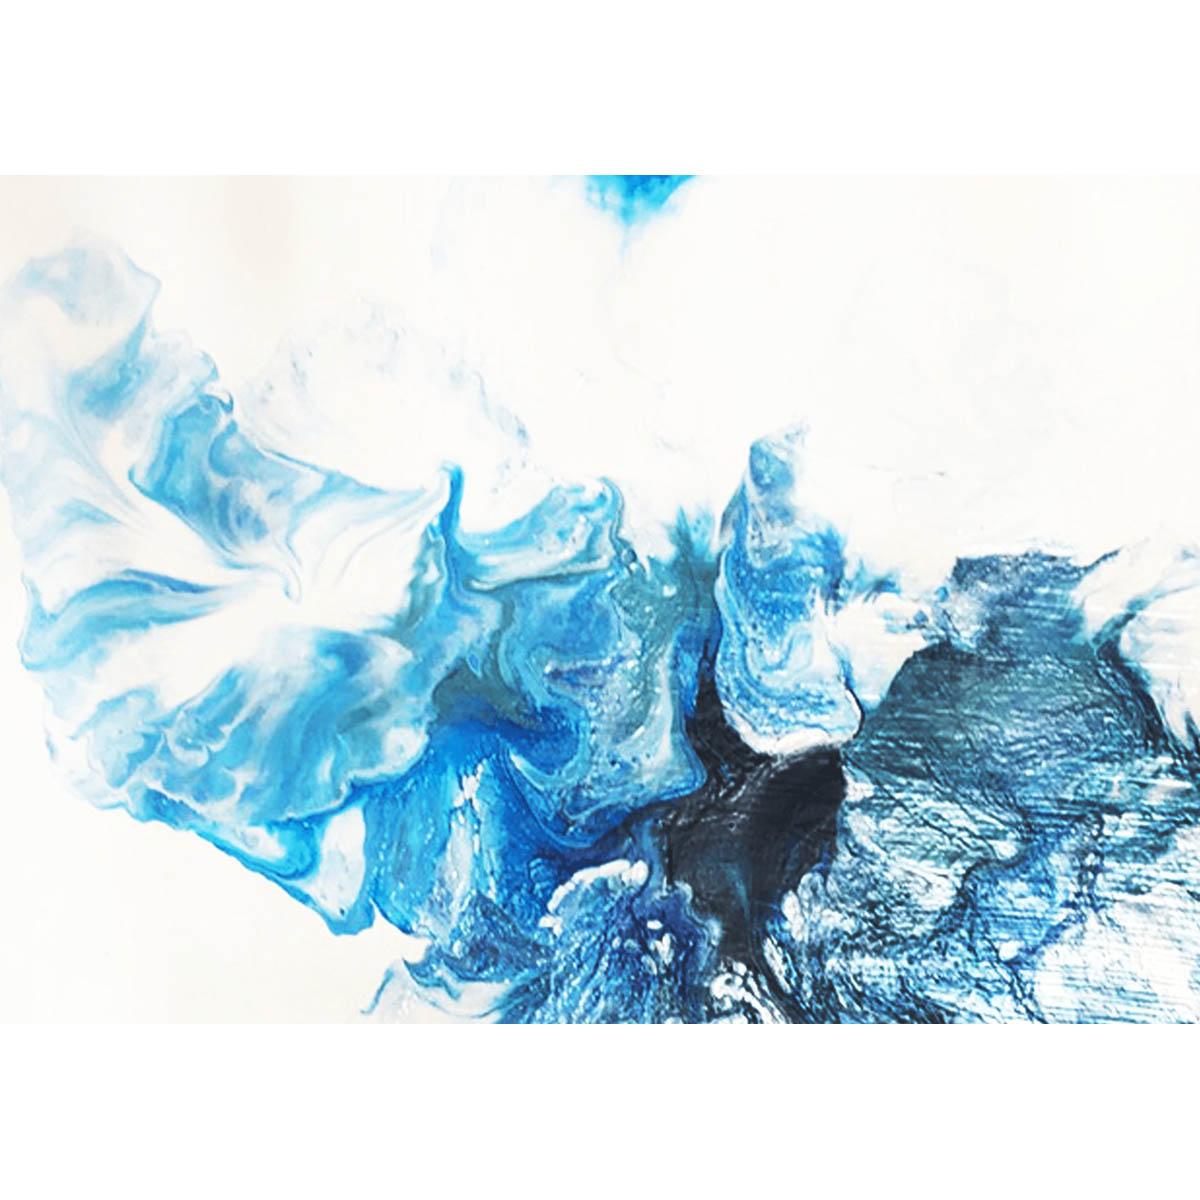 FA002 Набор для творчества Картина в стиле fluid art 'Dutch Wave' 30*30см